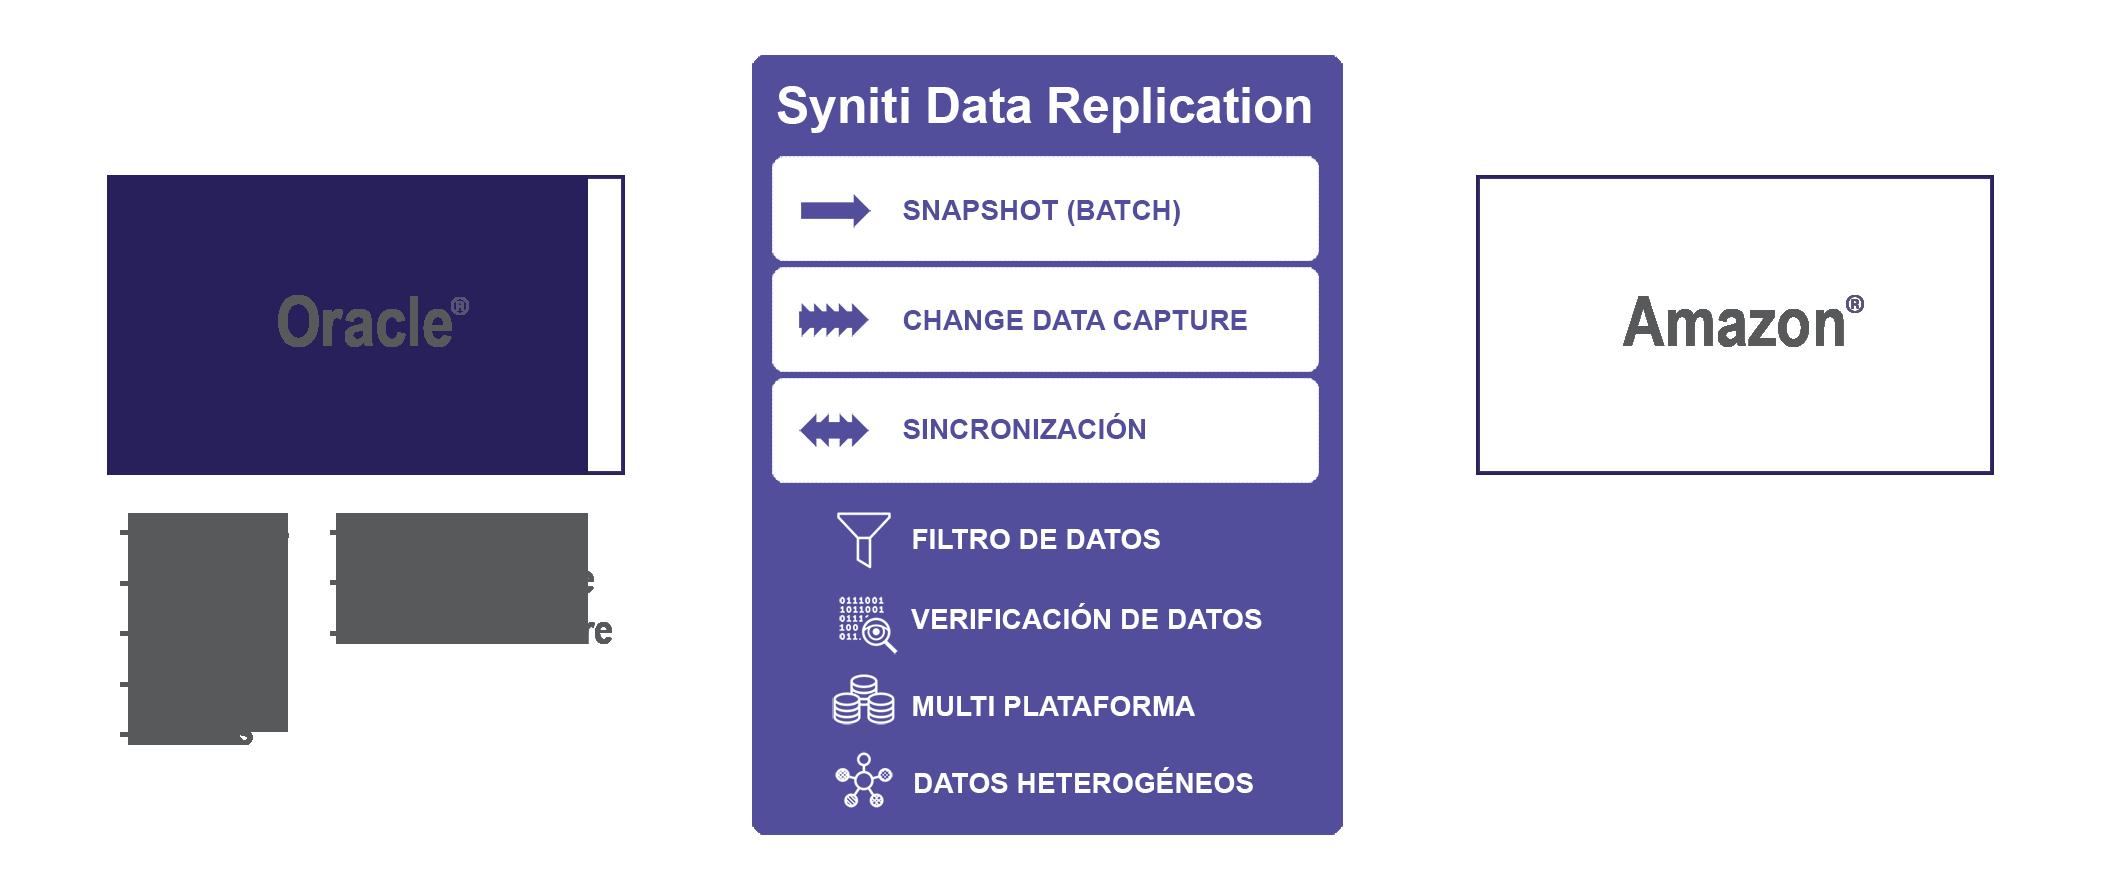 Replicacion de datos Oracle a Amazon en tiempo real